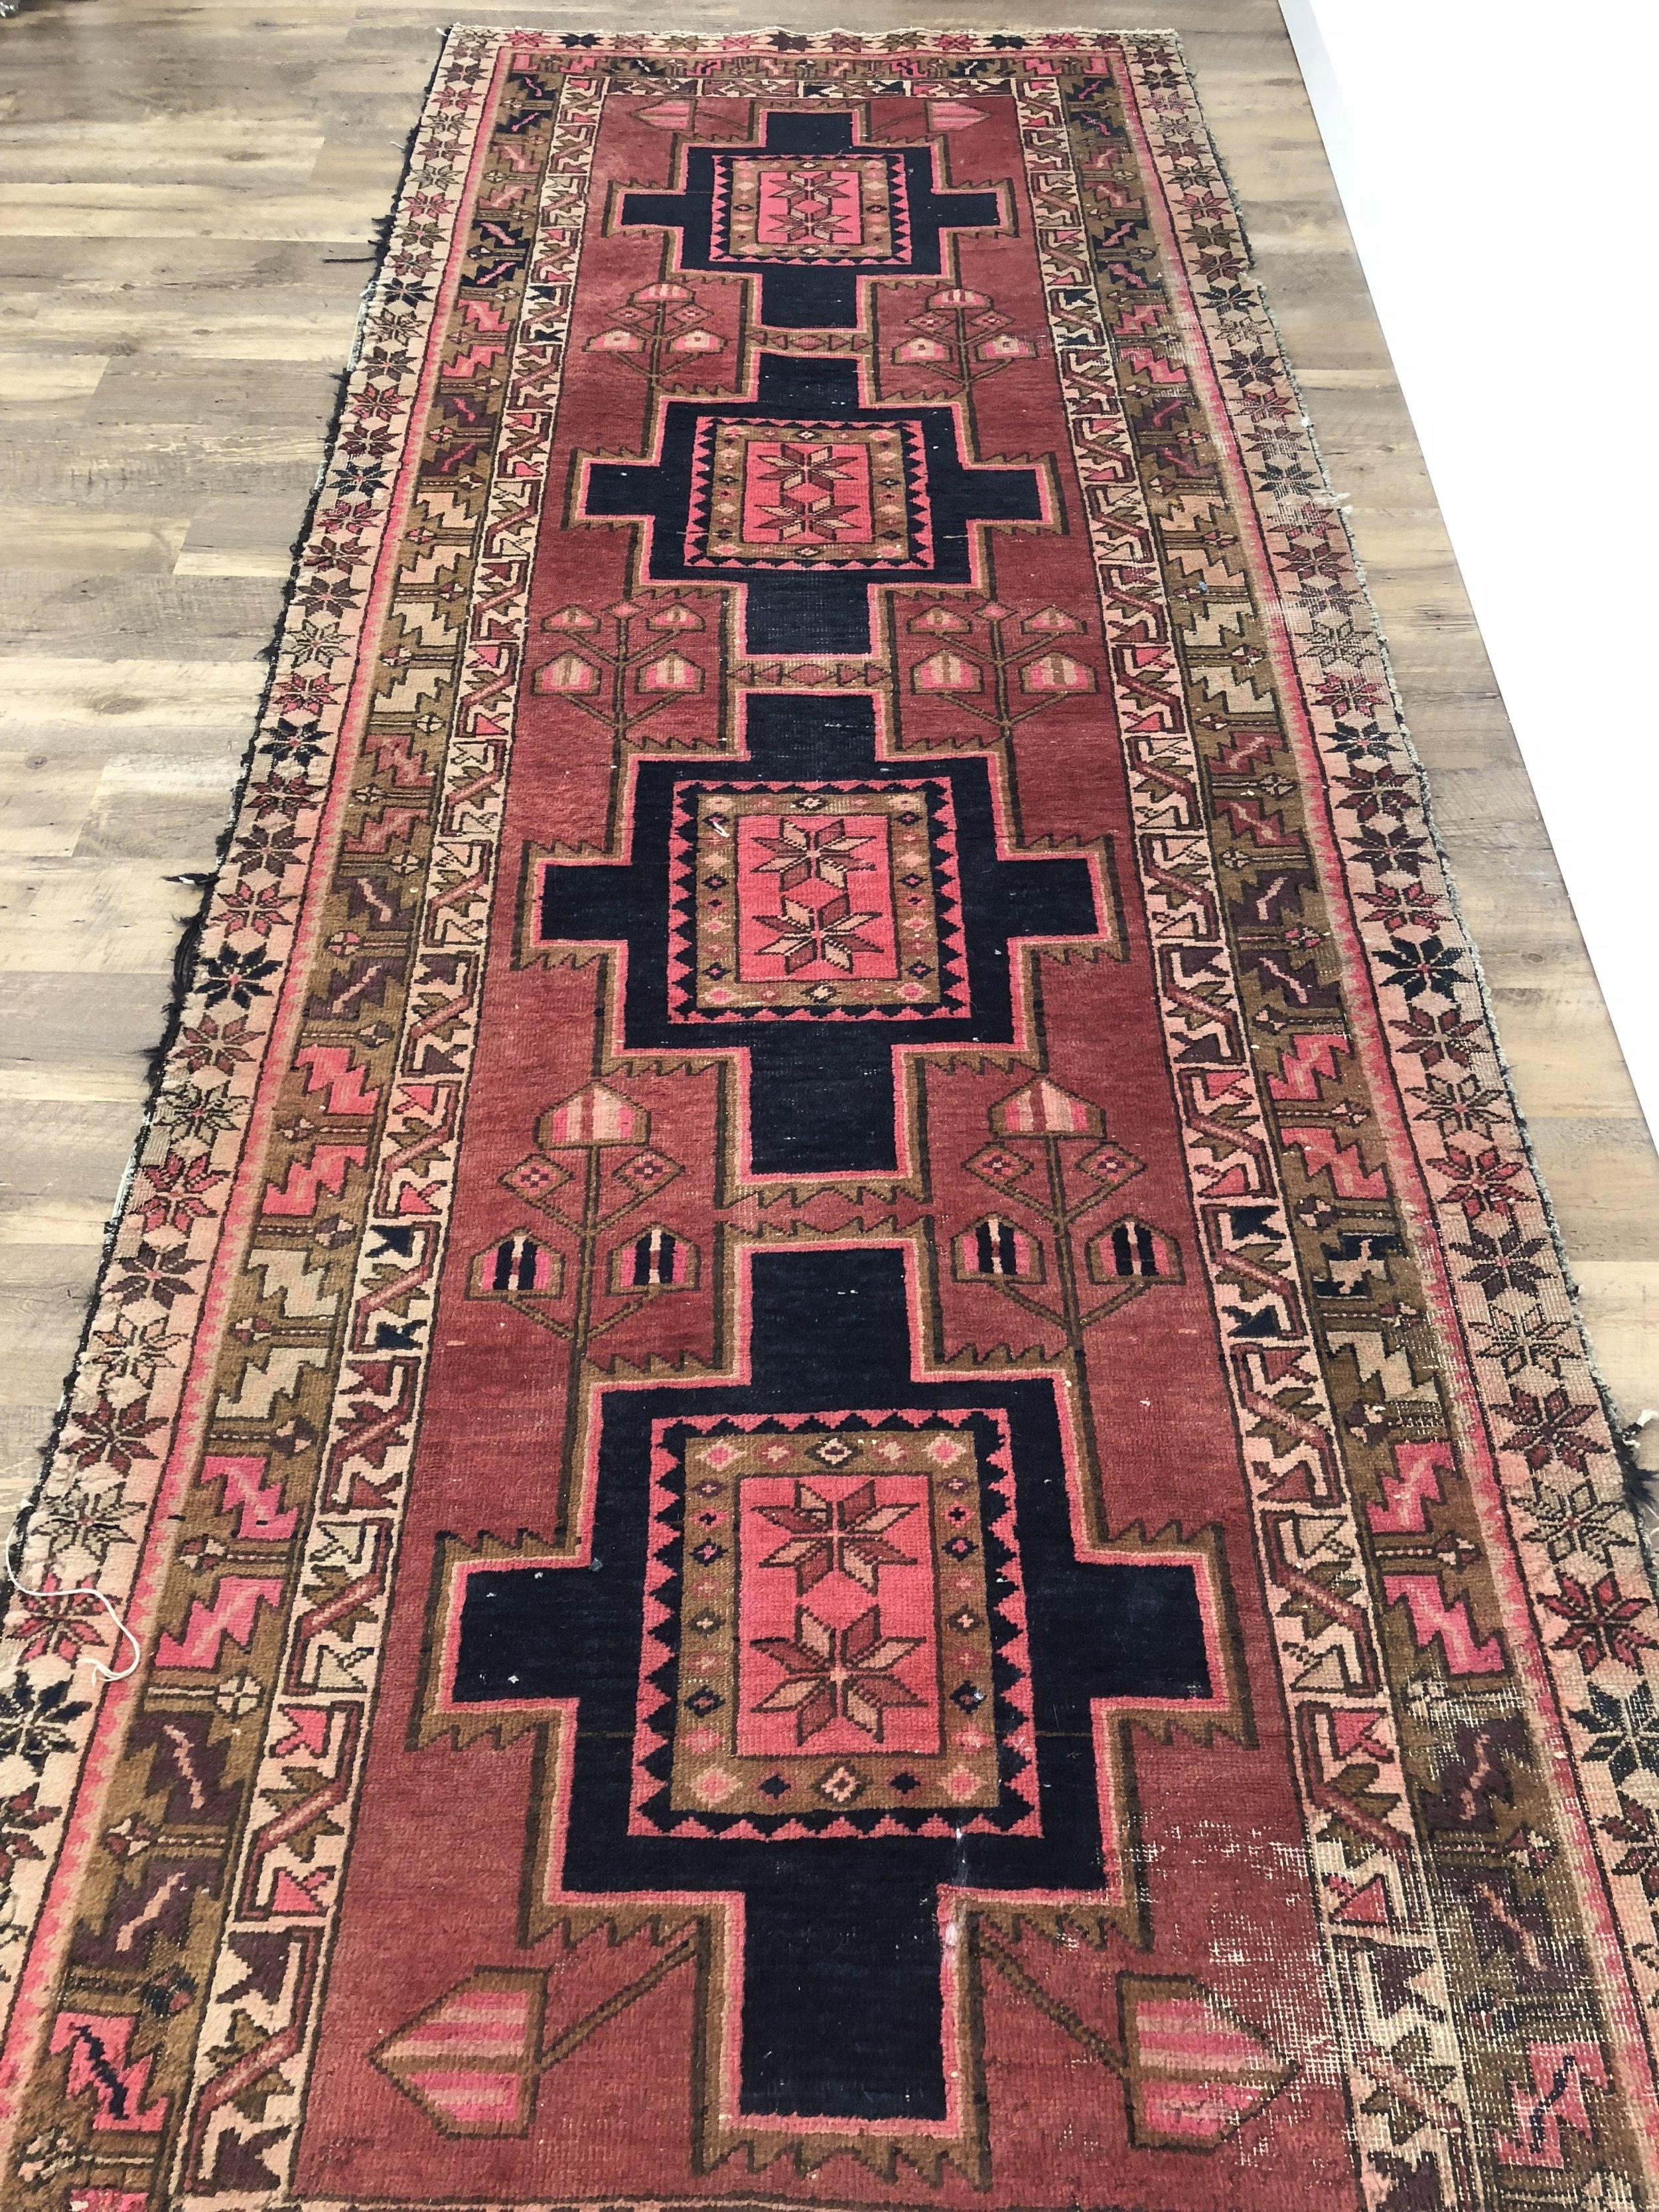 rug #6 - 3.5' x 10' runner